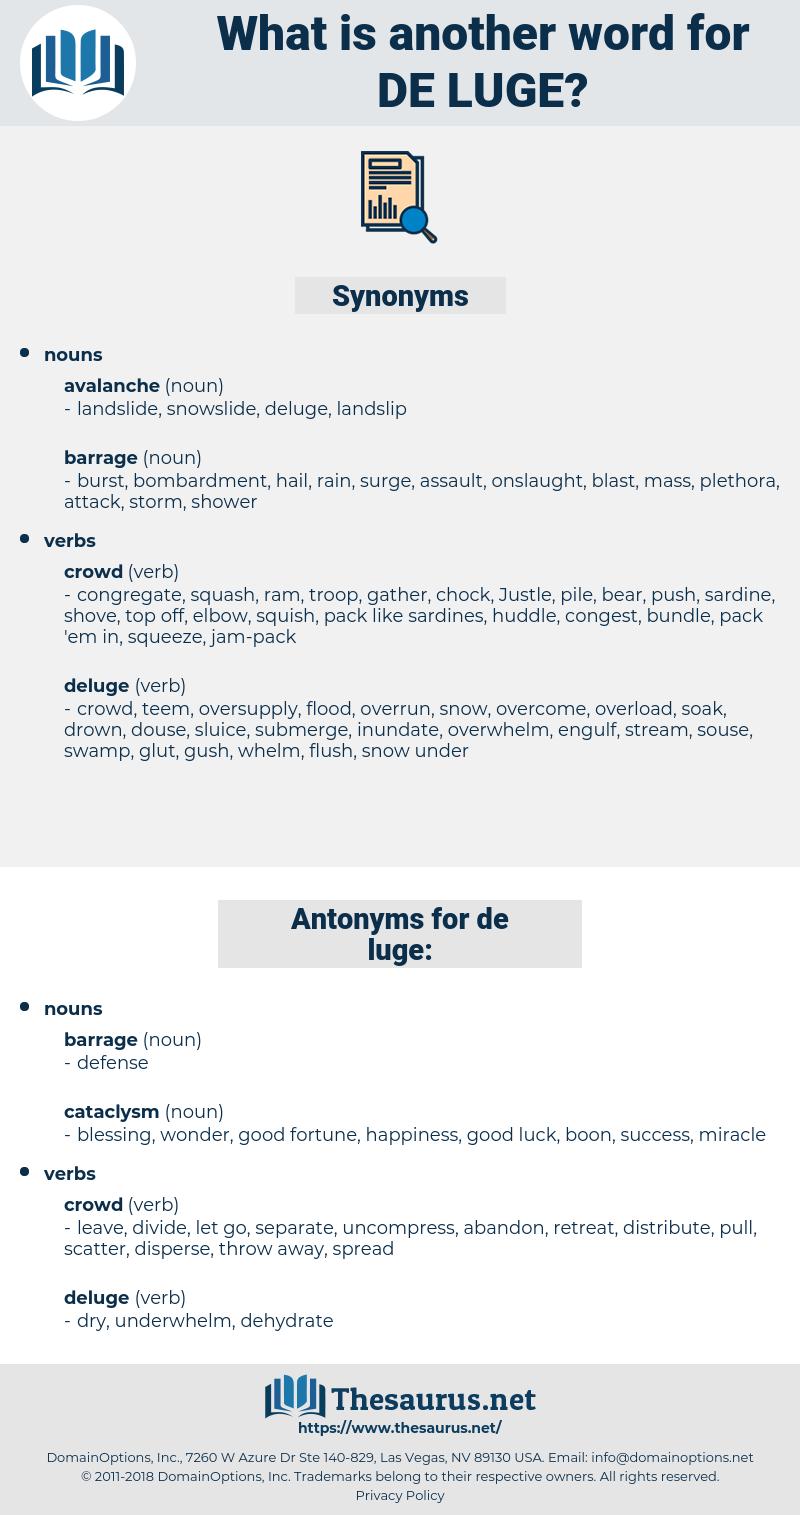 de-luge, synonym de-luge, another word for de-luge, words like de-luge, thesaurus de-luge